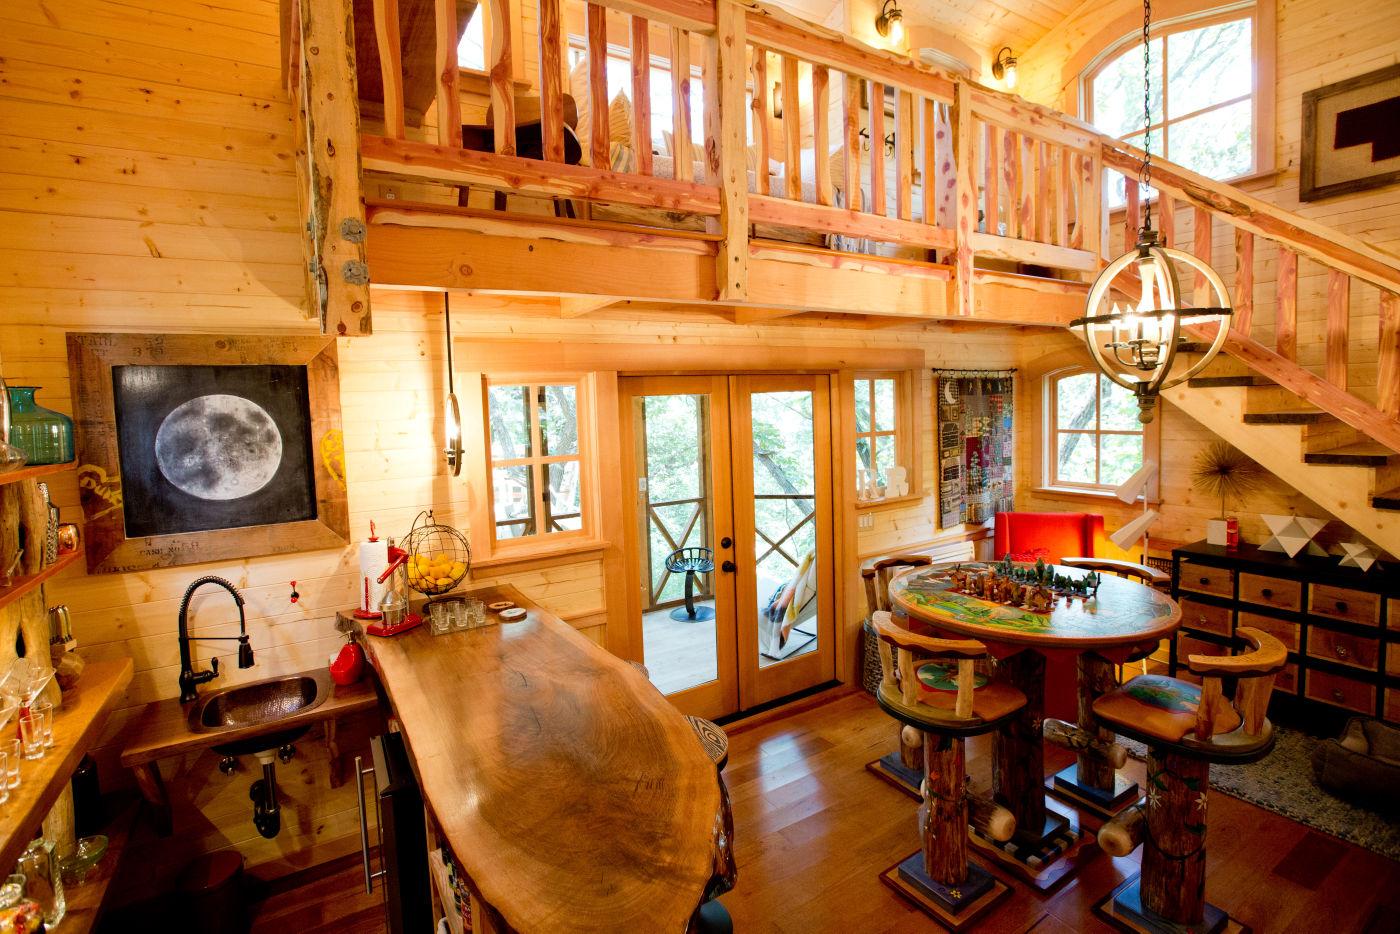 Treehouse masters interior Beautiful Dream Treehouse Grew In Nebraska Thanks To Reality Tv Show Living Omahacom Omaha Worldherald Dream Treehouse Grew In Nebraska Thanks To Reality Tv Show